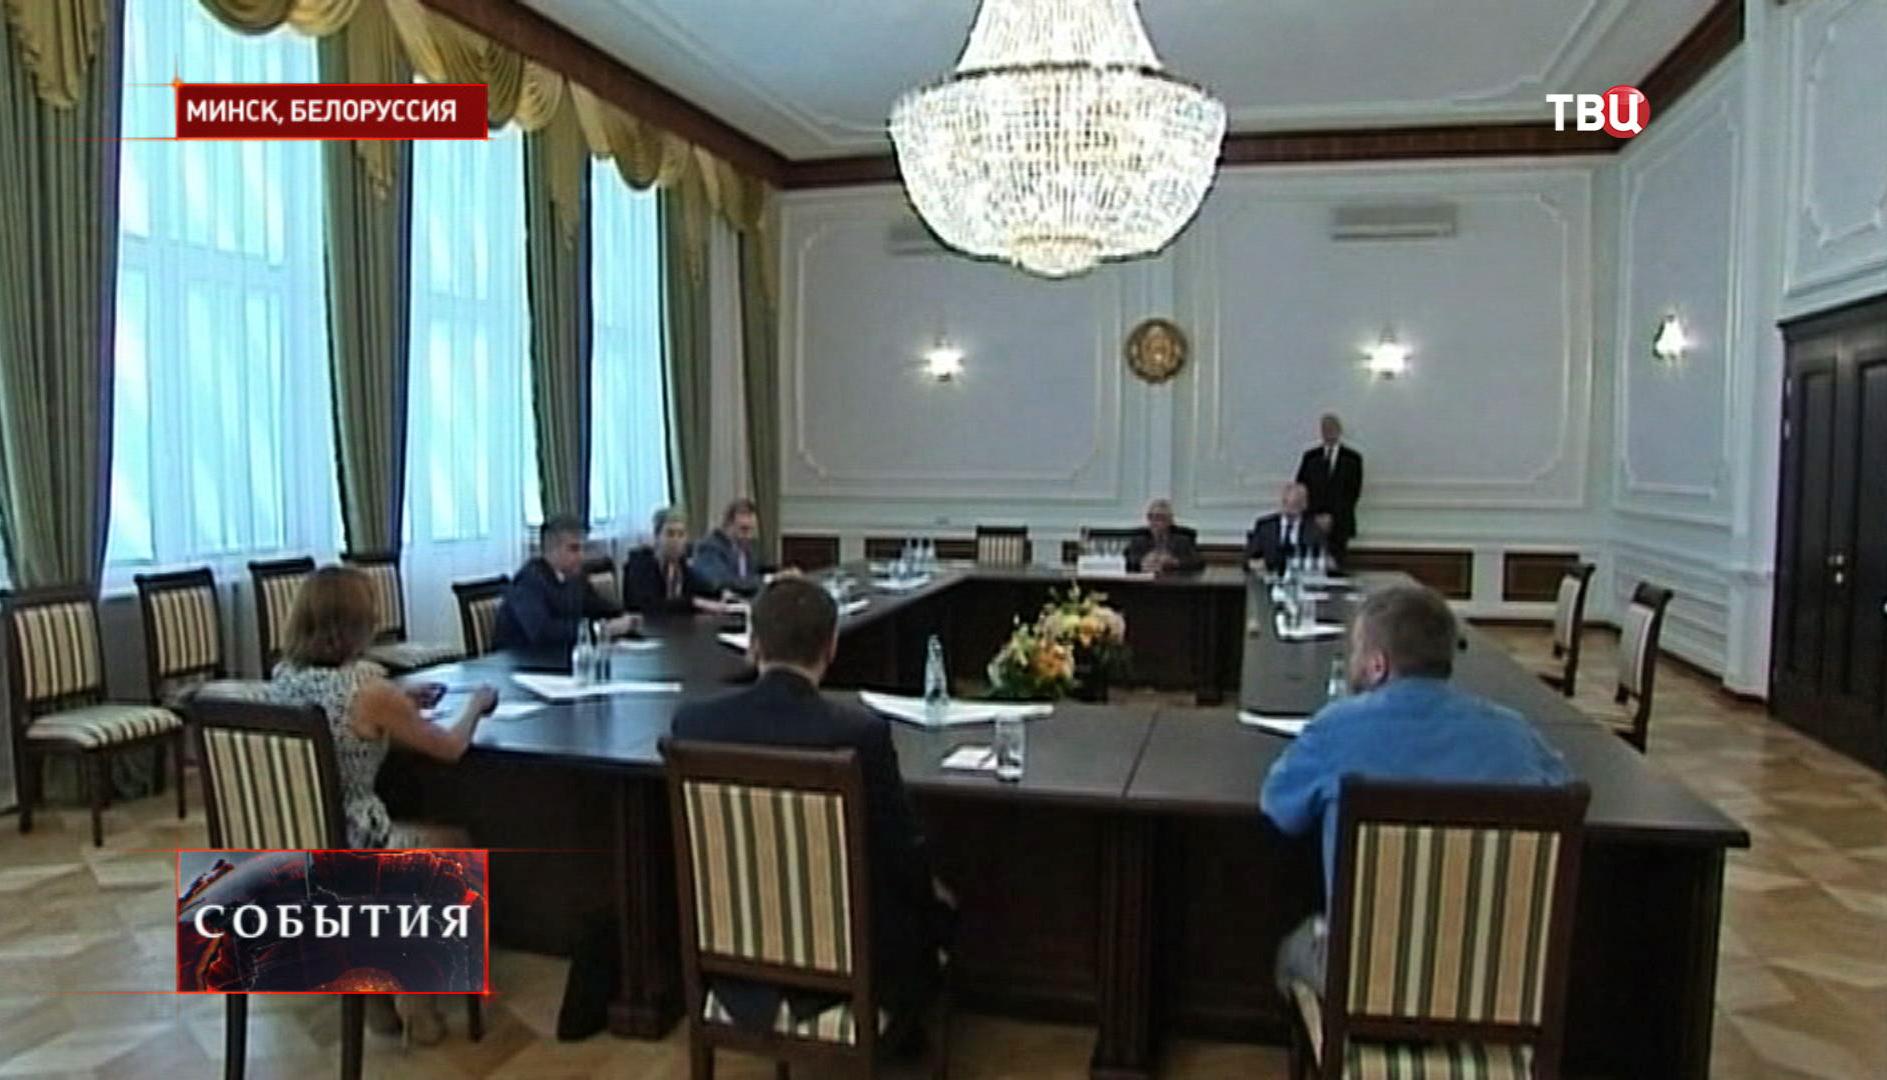 Заседание по урегулированию украинского кризиса в Минске